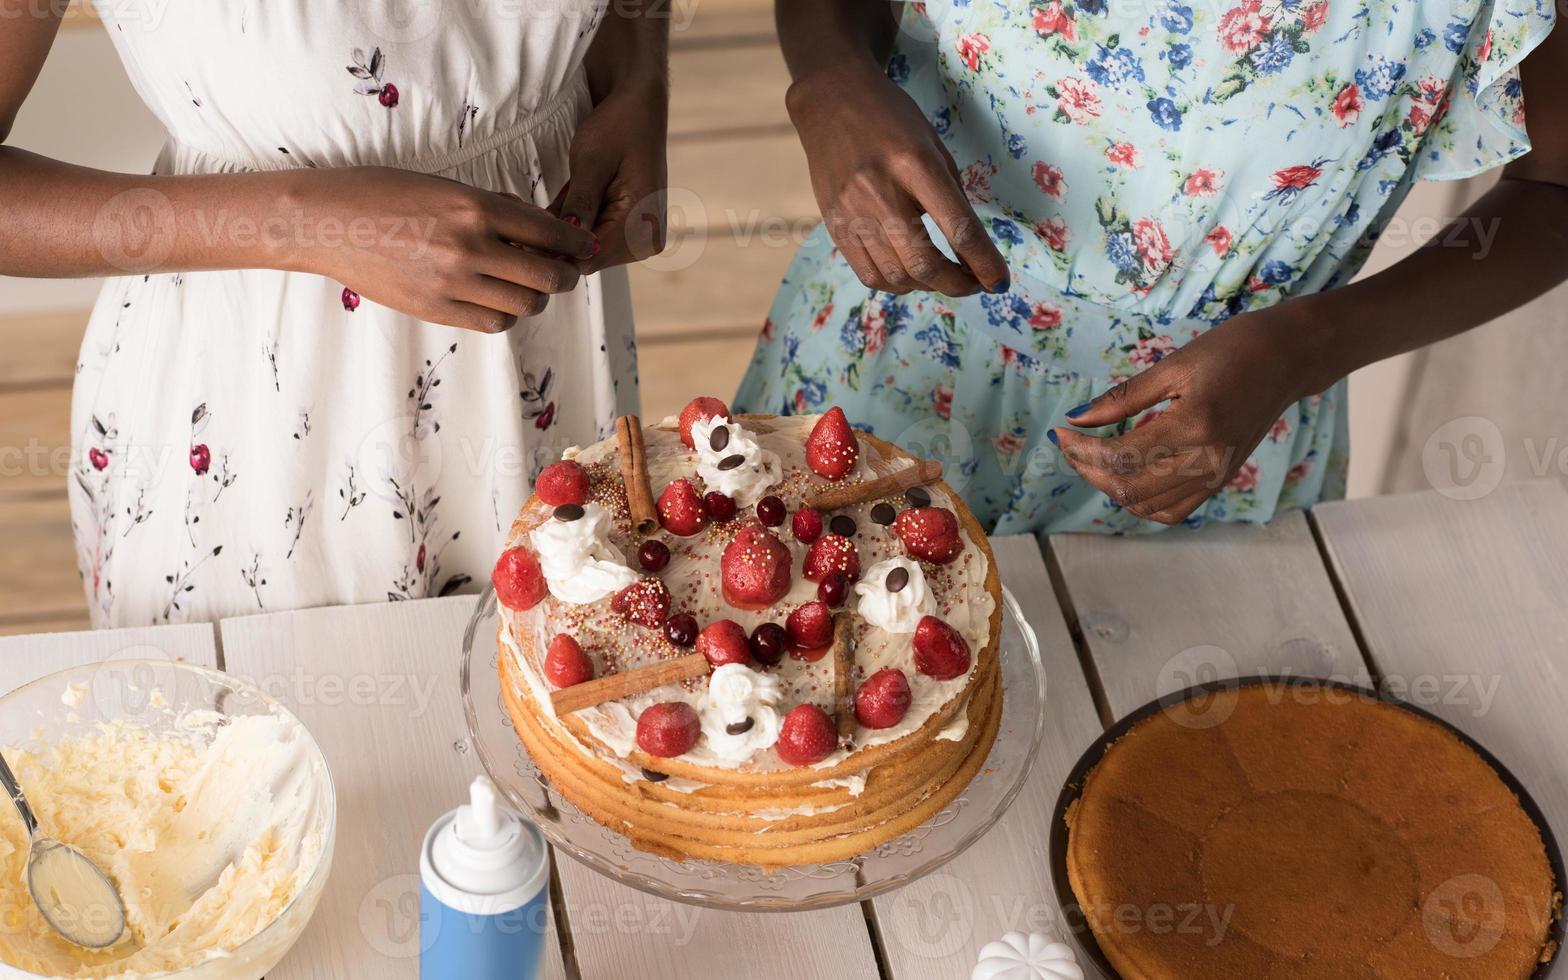 mujeres cocinando pastel foto